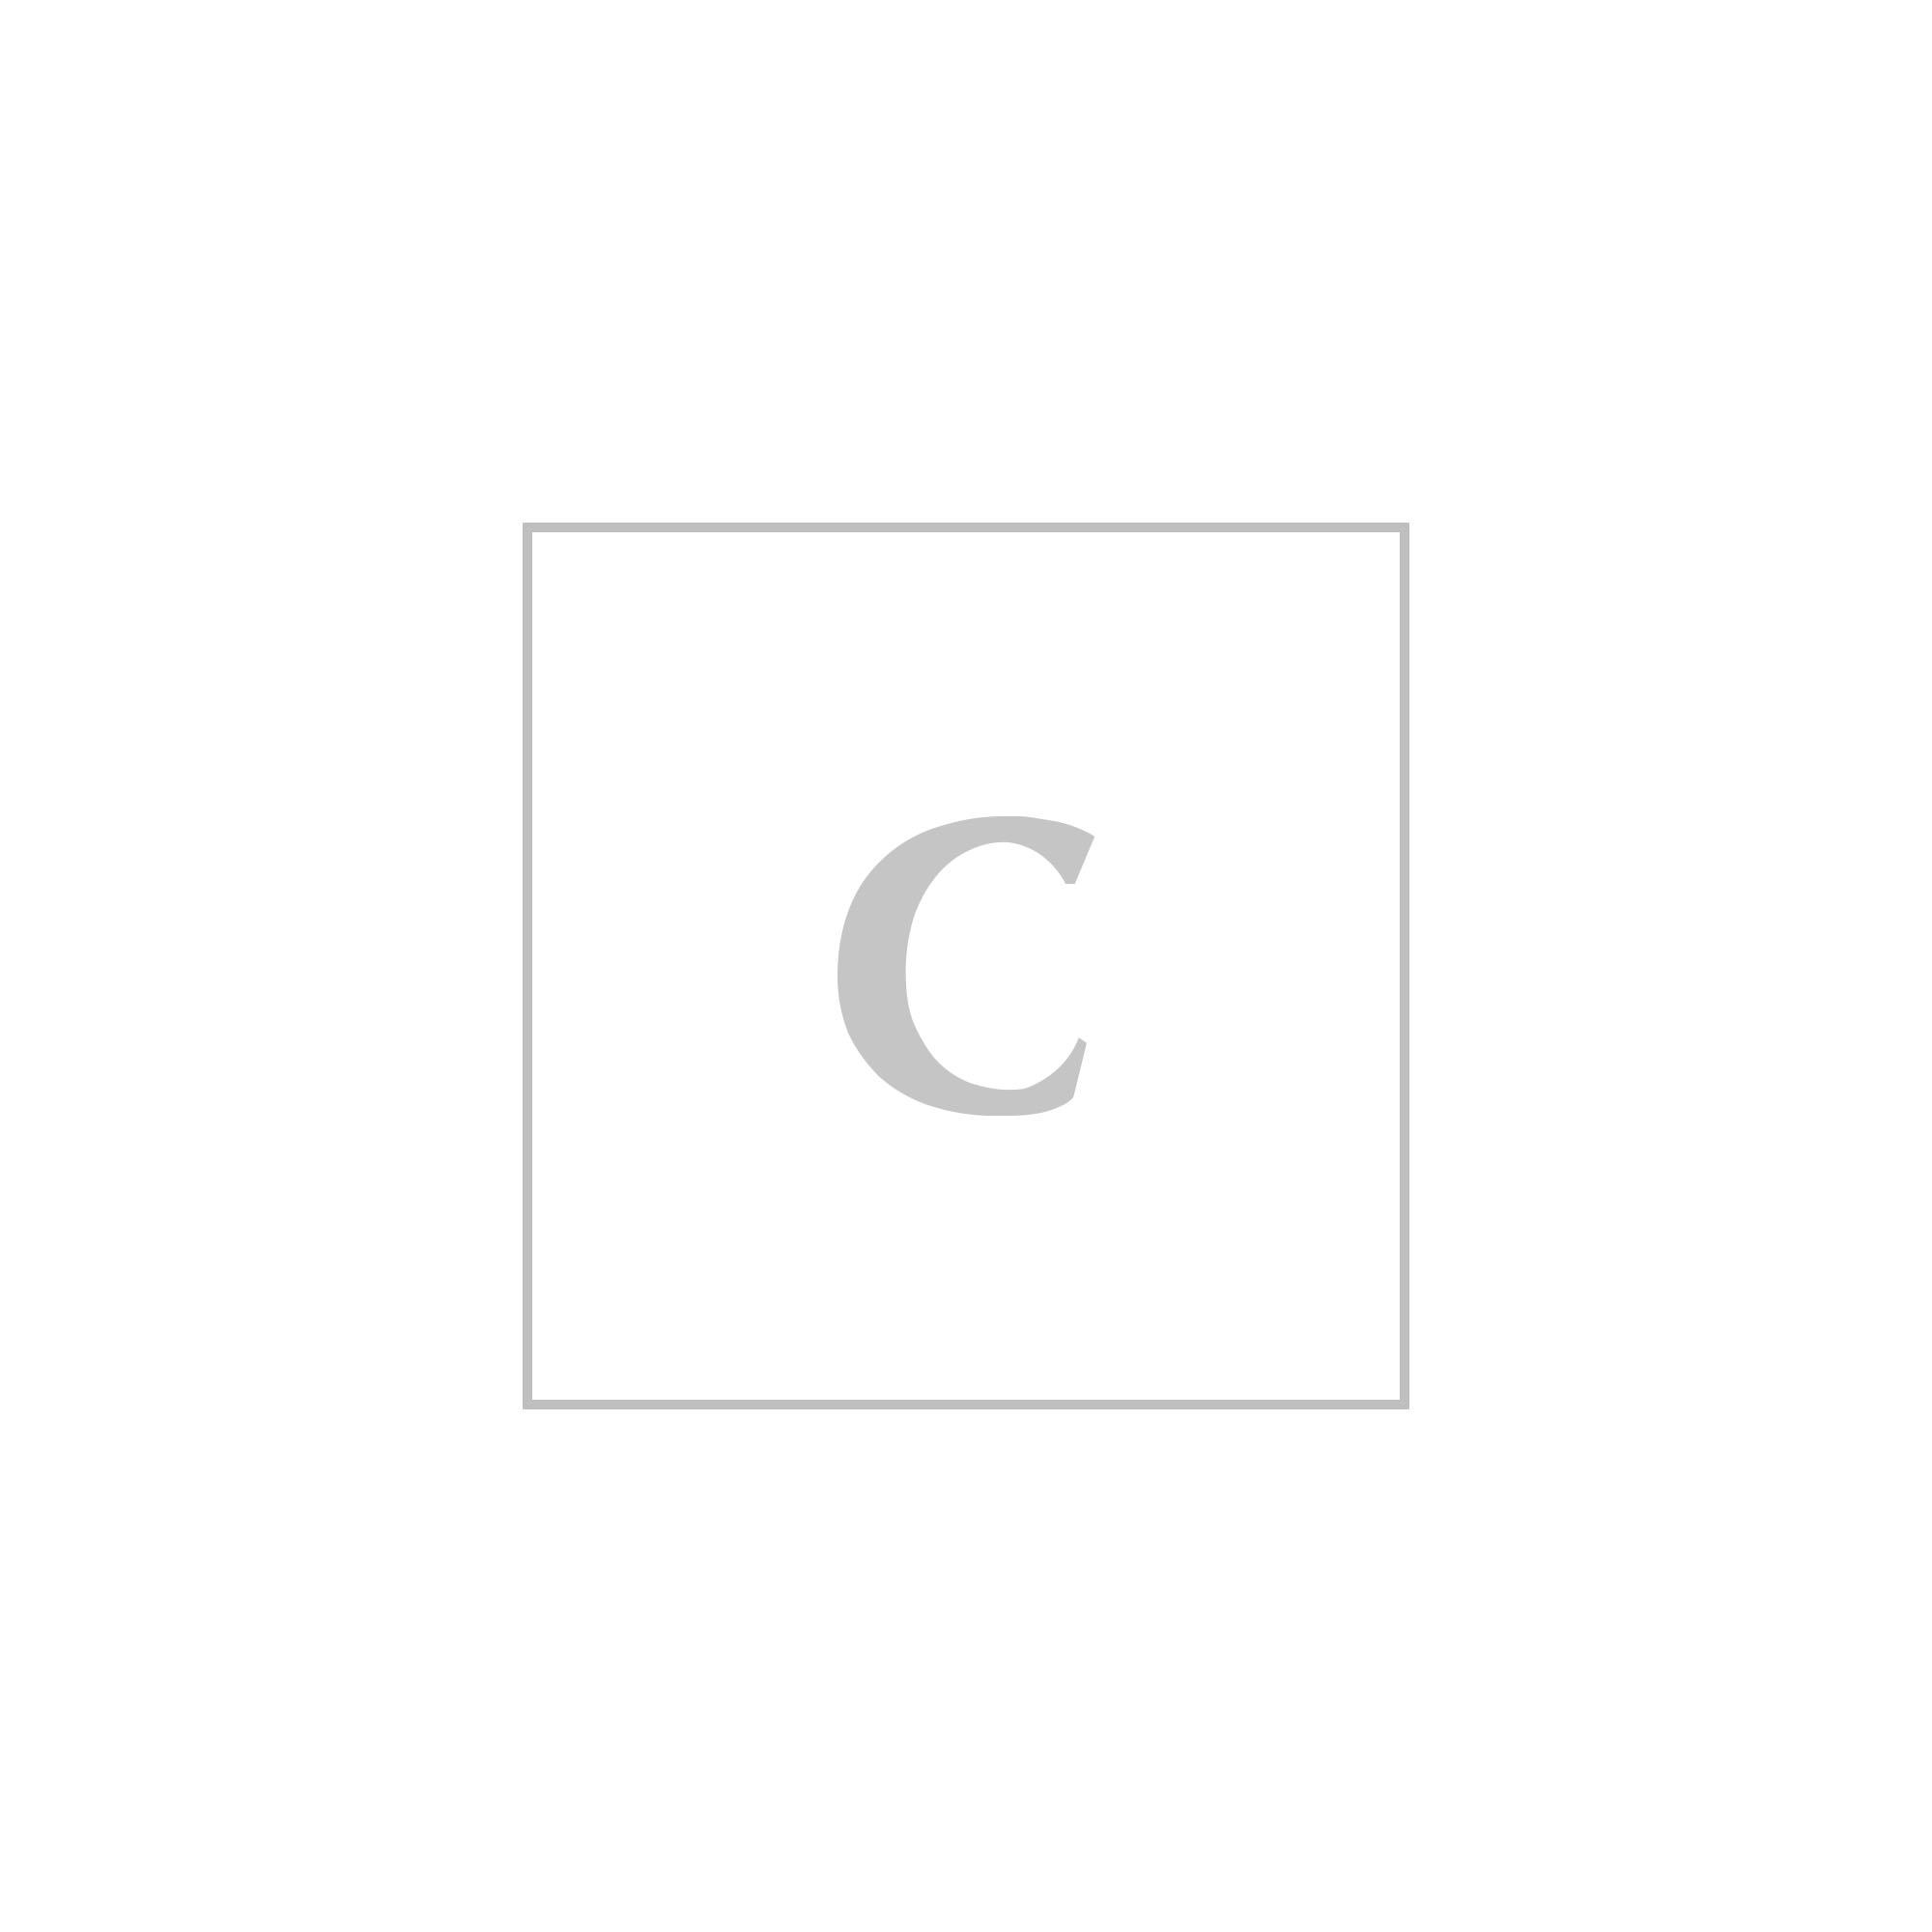 Dolce & gabbana cintura logata stampa dauphine riga 5